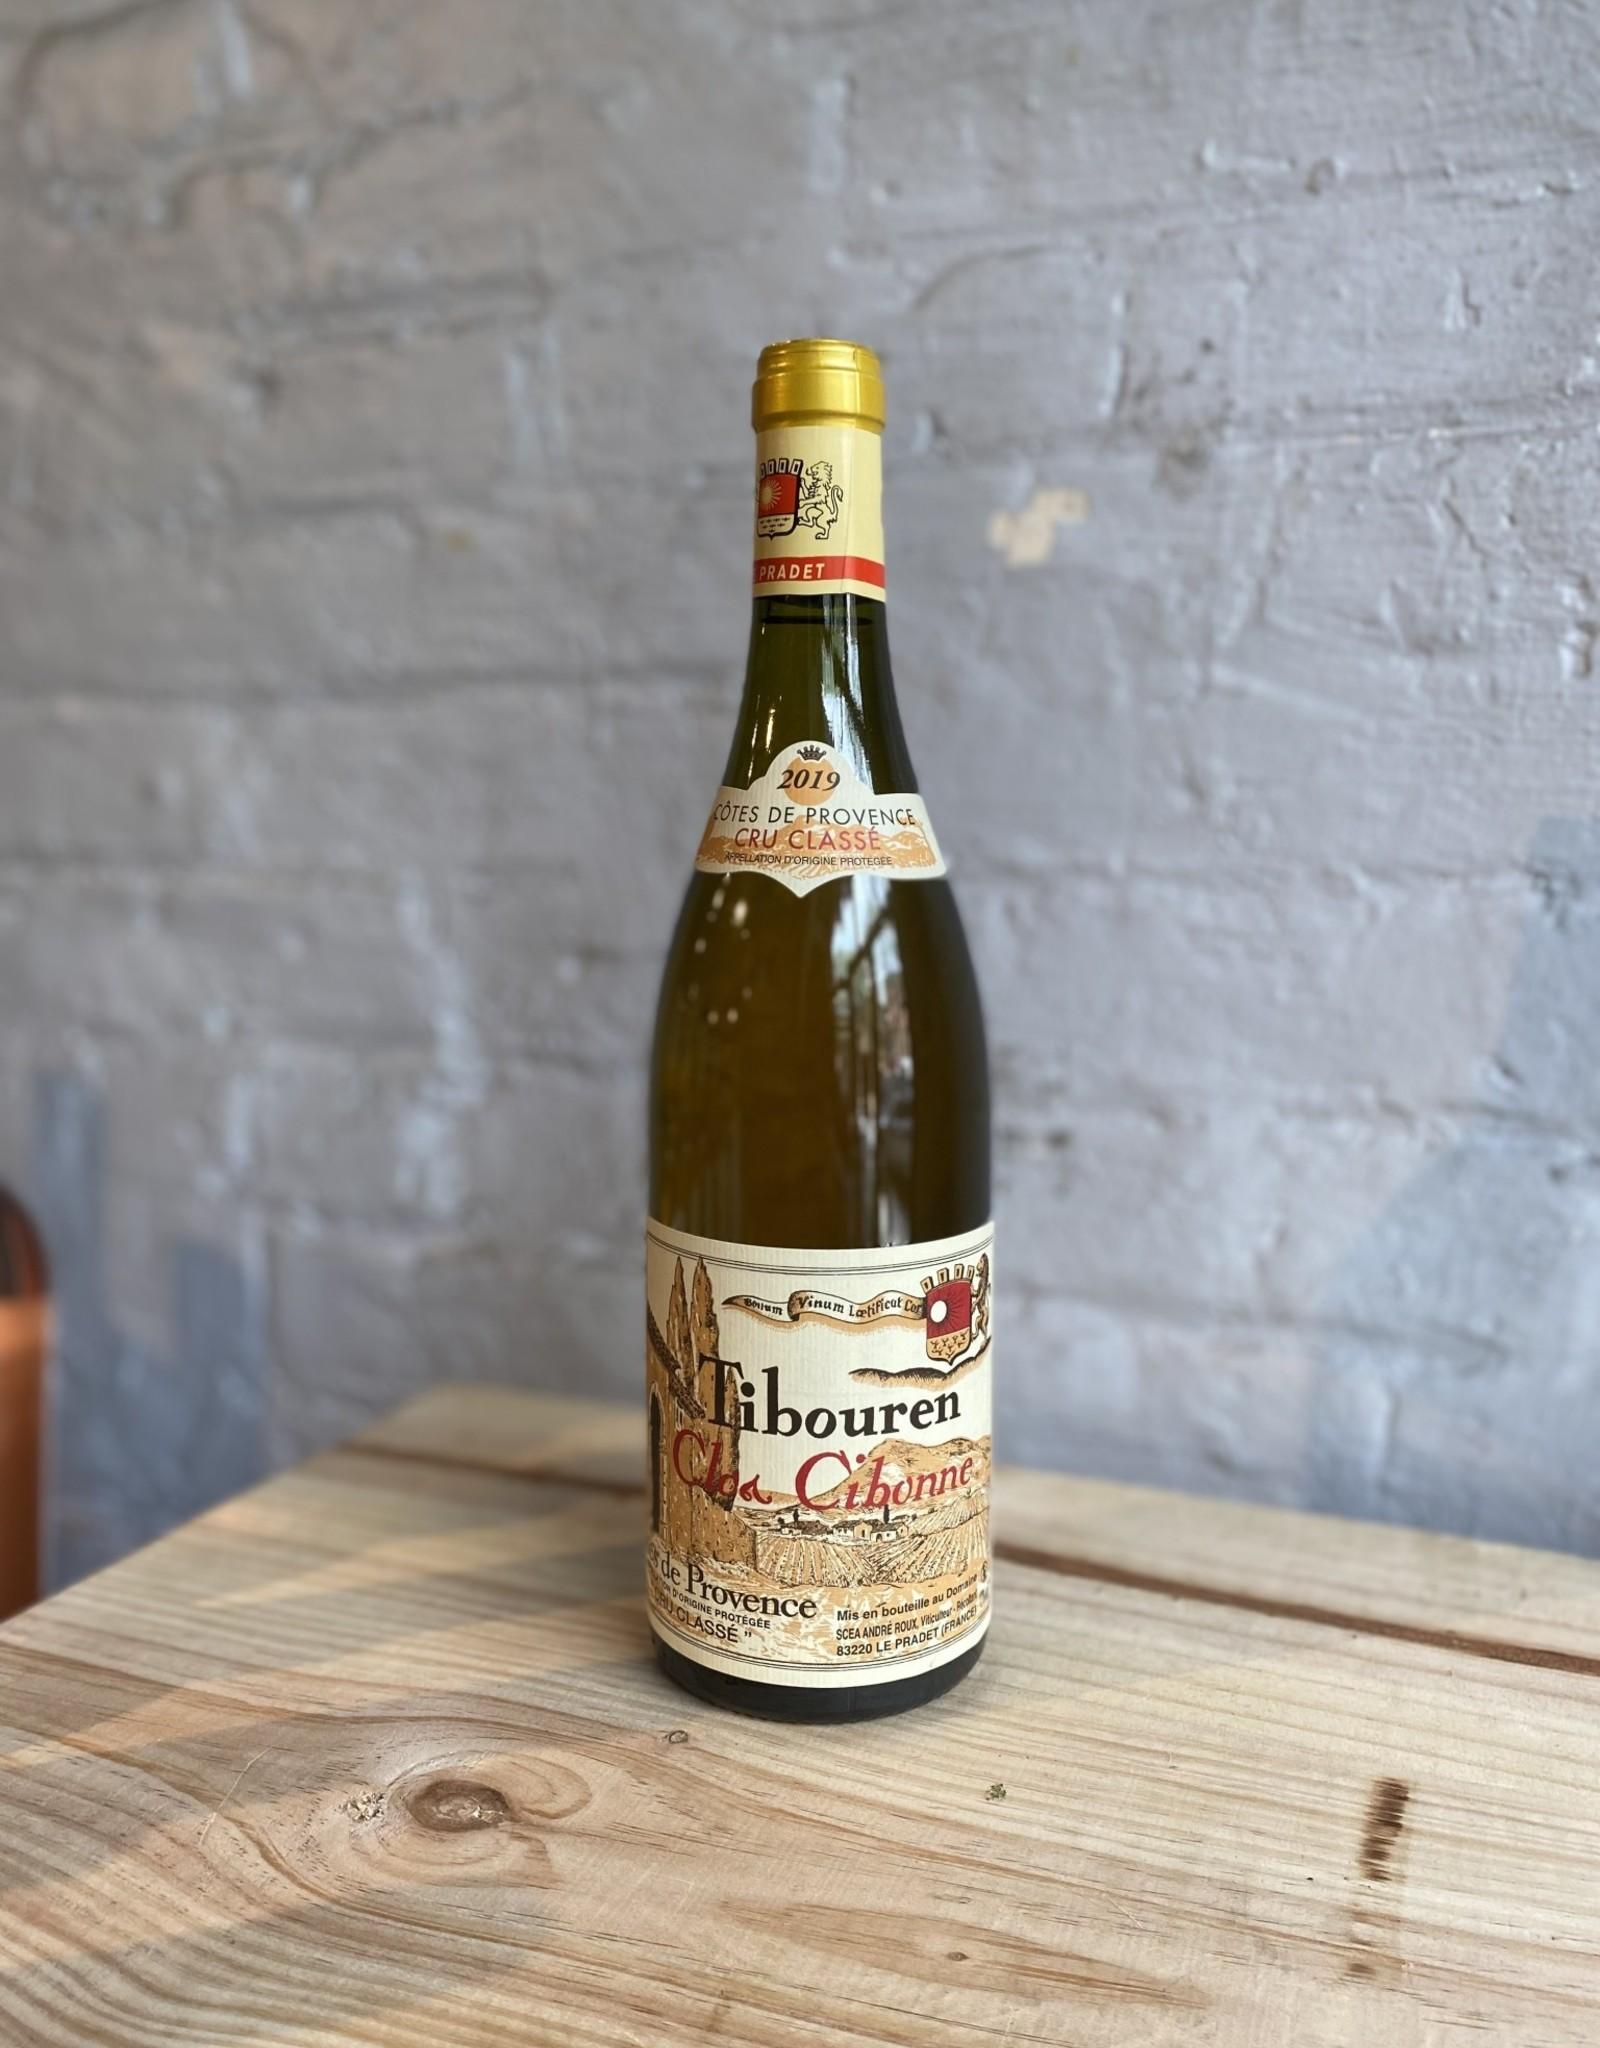 2019 Clos Cibonne Tibouren Tradition Rosé - Provence, France (750ml)